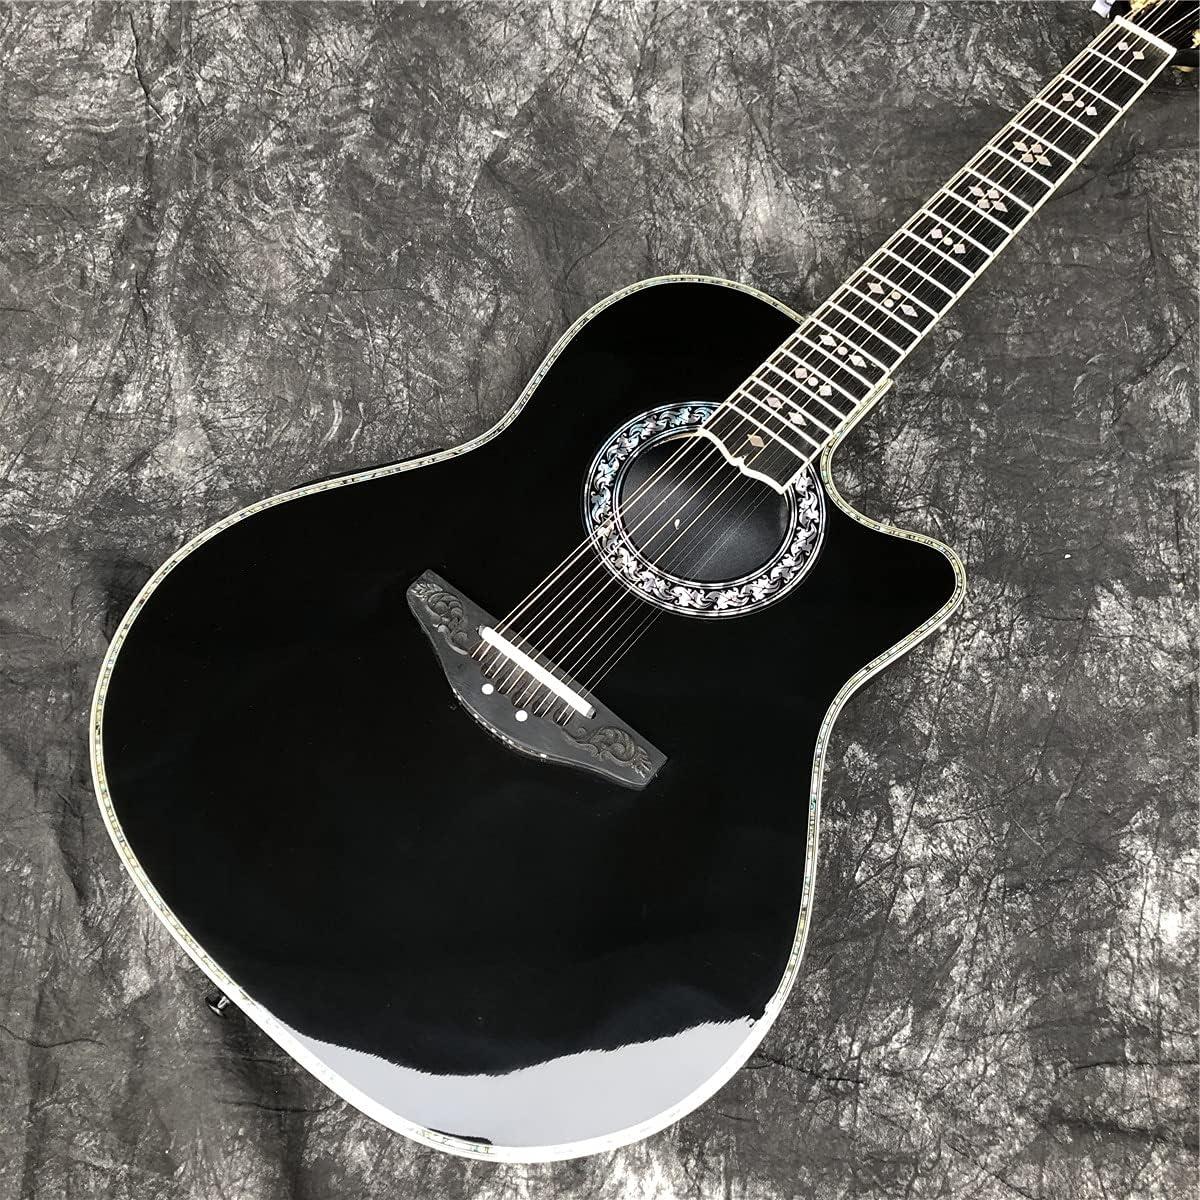 Guitarra Black Solid Spruce 12 String Acústico Guitarra Fibra de carbono Tortuga Concha Balanced GuitarFolk Pop Instrumentos Guitarmusicos Instrumentos Acústicos Guitarra Kits guitarra de madera AMINÍ